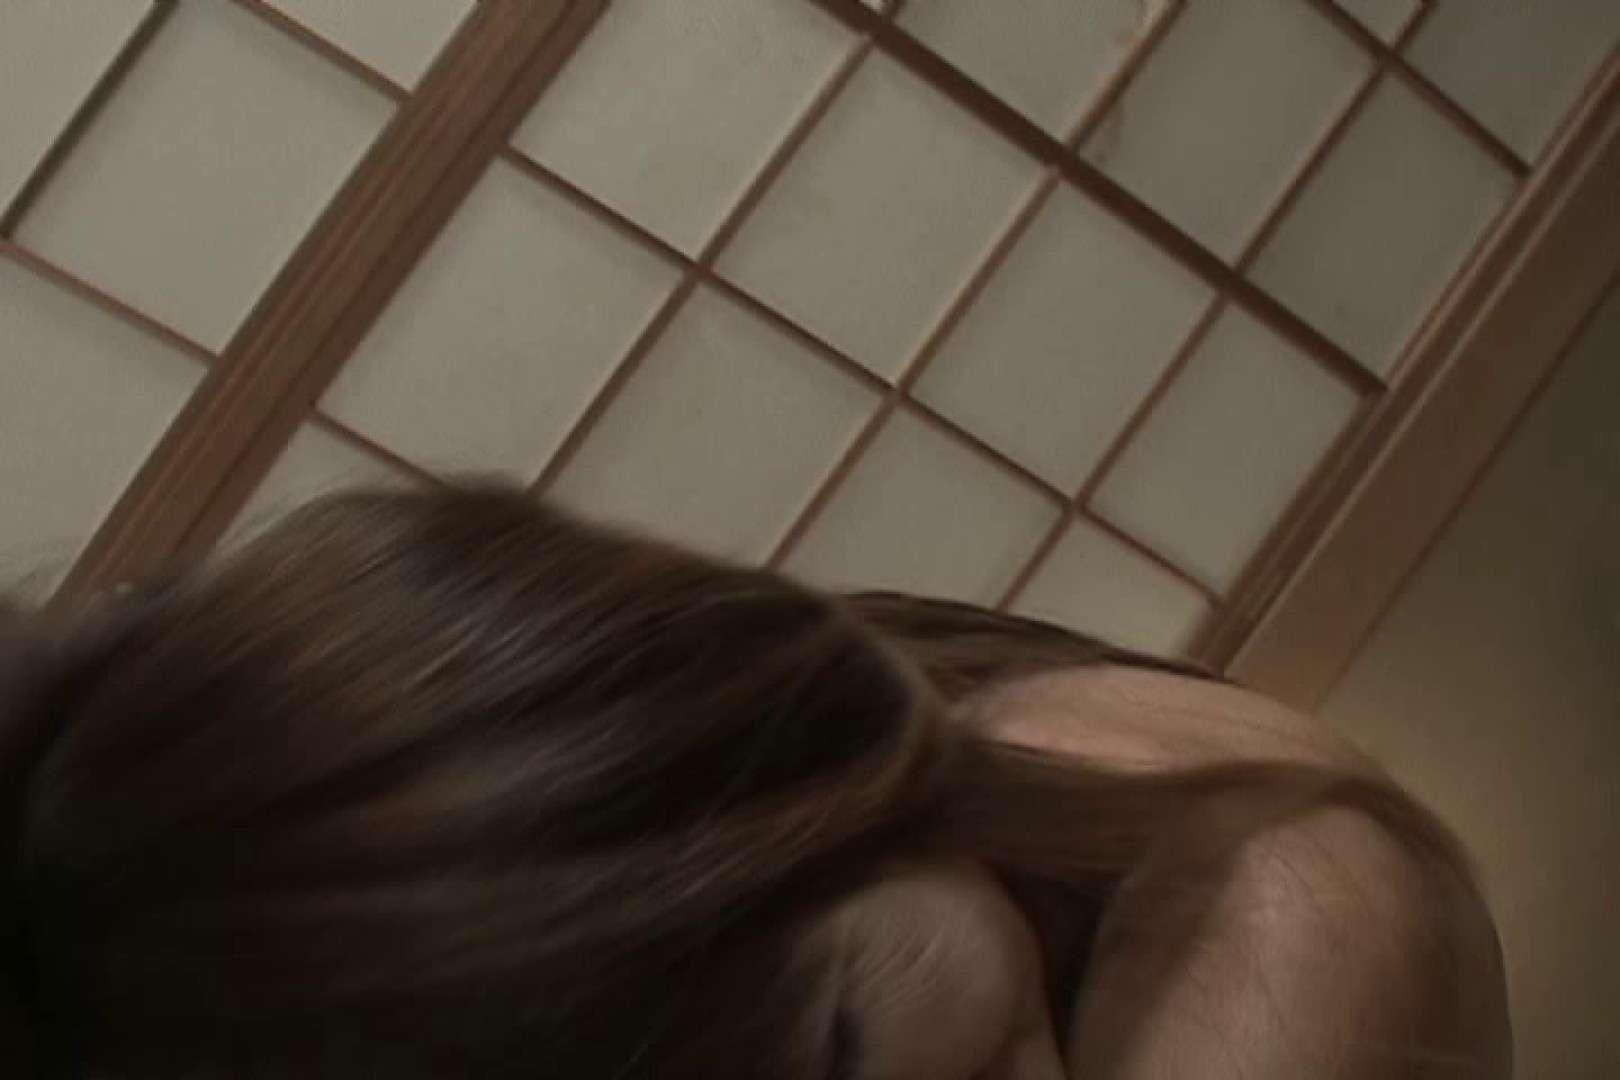 Aカップ奥様はまたがるのが大好き~森山ゆきこ~ フェラ | オナニー  91連発 1